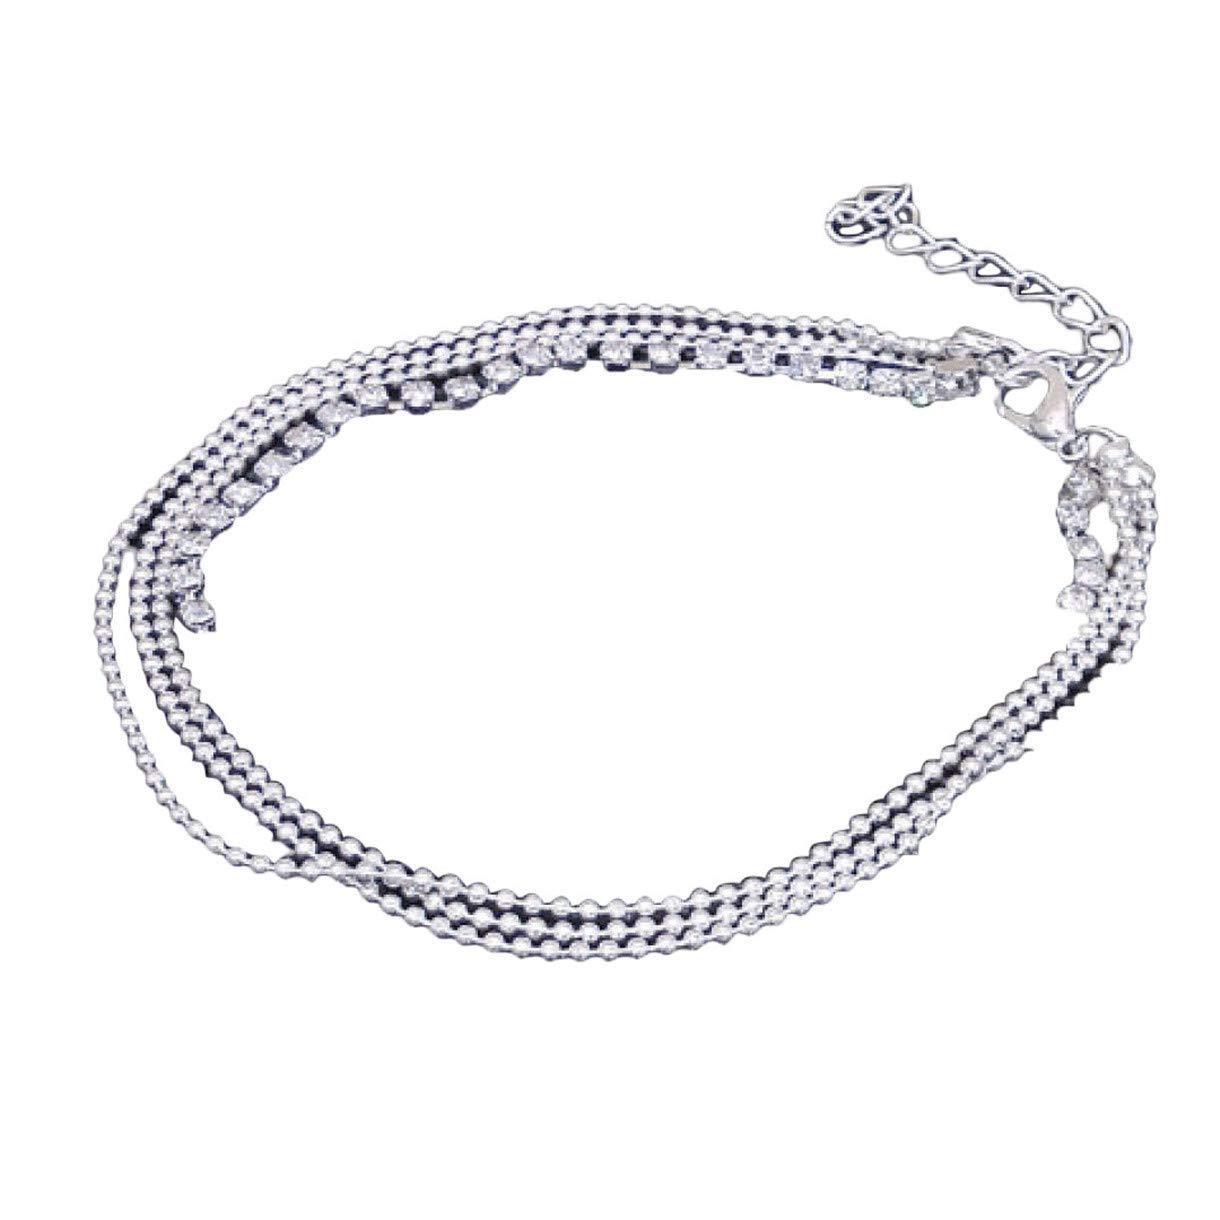 Floweworld Frauen Fu/ßkettchen Multi Layer Silber Kristallkugel Armband Fu/ßkettchen Fu/ßkette Frauen Schmuck